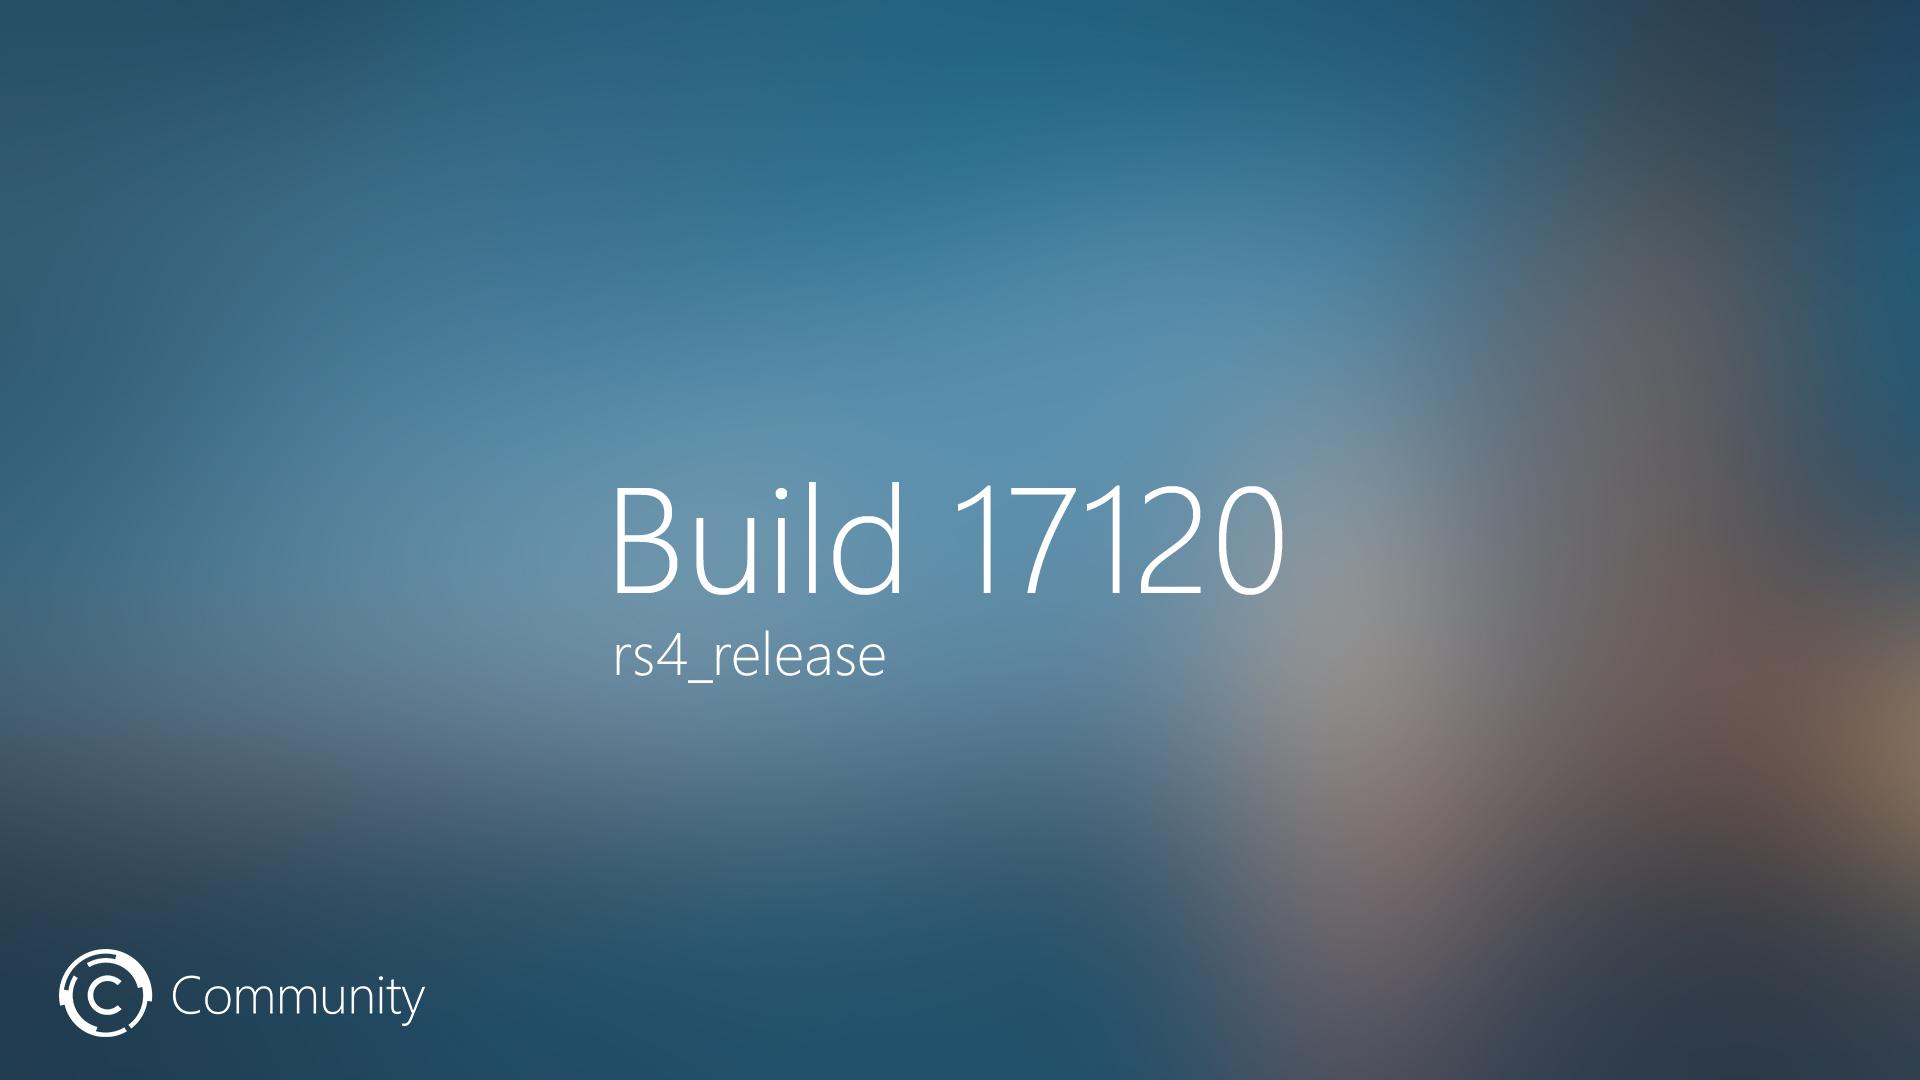 Windows 10 Build 17120 доступен на медленном канале обновлений